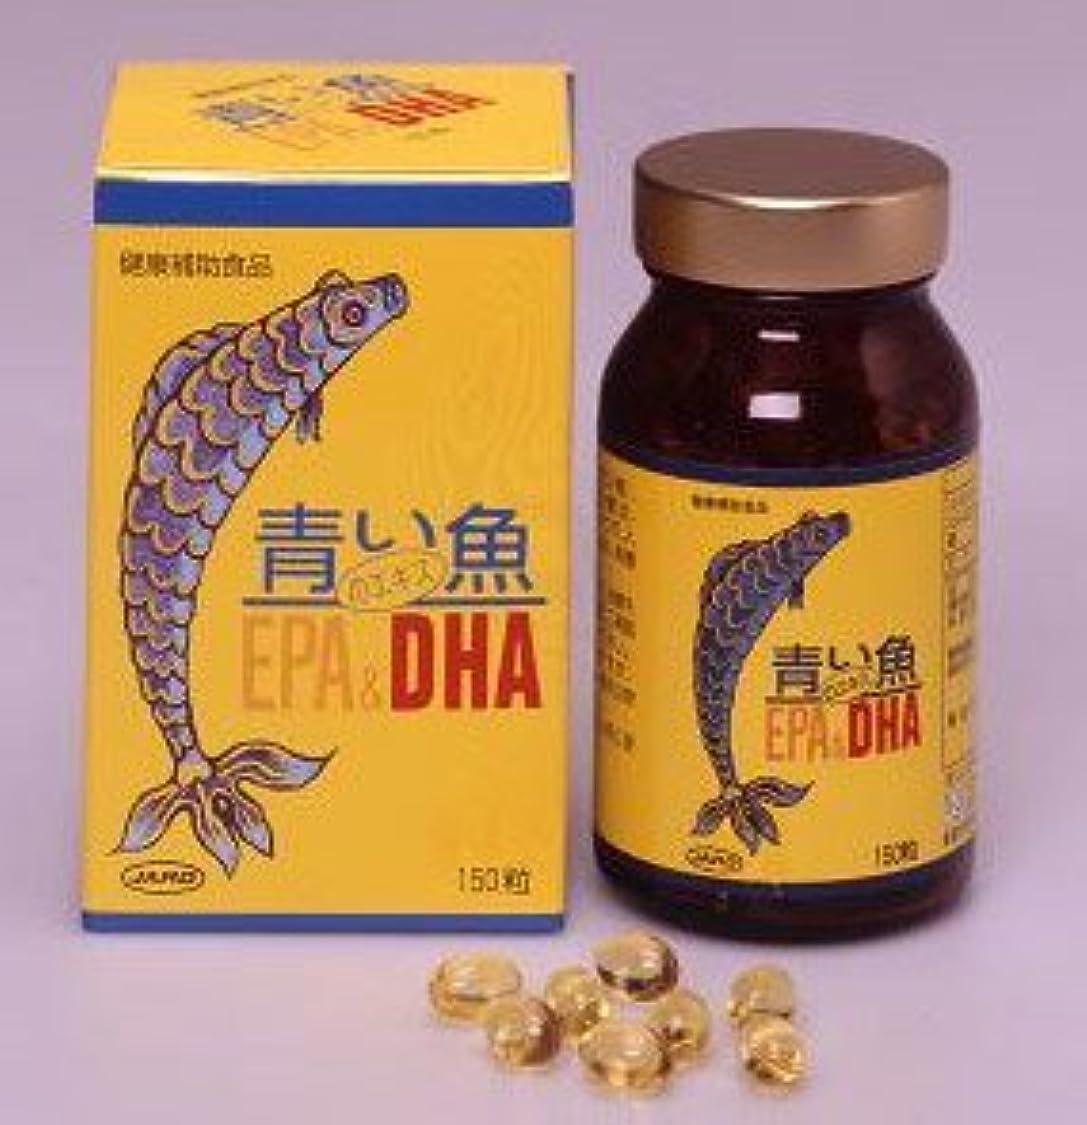 甥ヘルメット辛い青い魚のエキスEPA&DHA(単品)ジャード